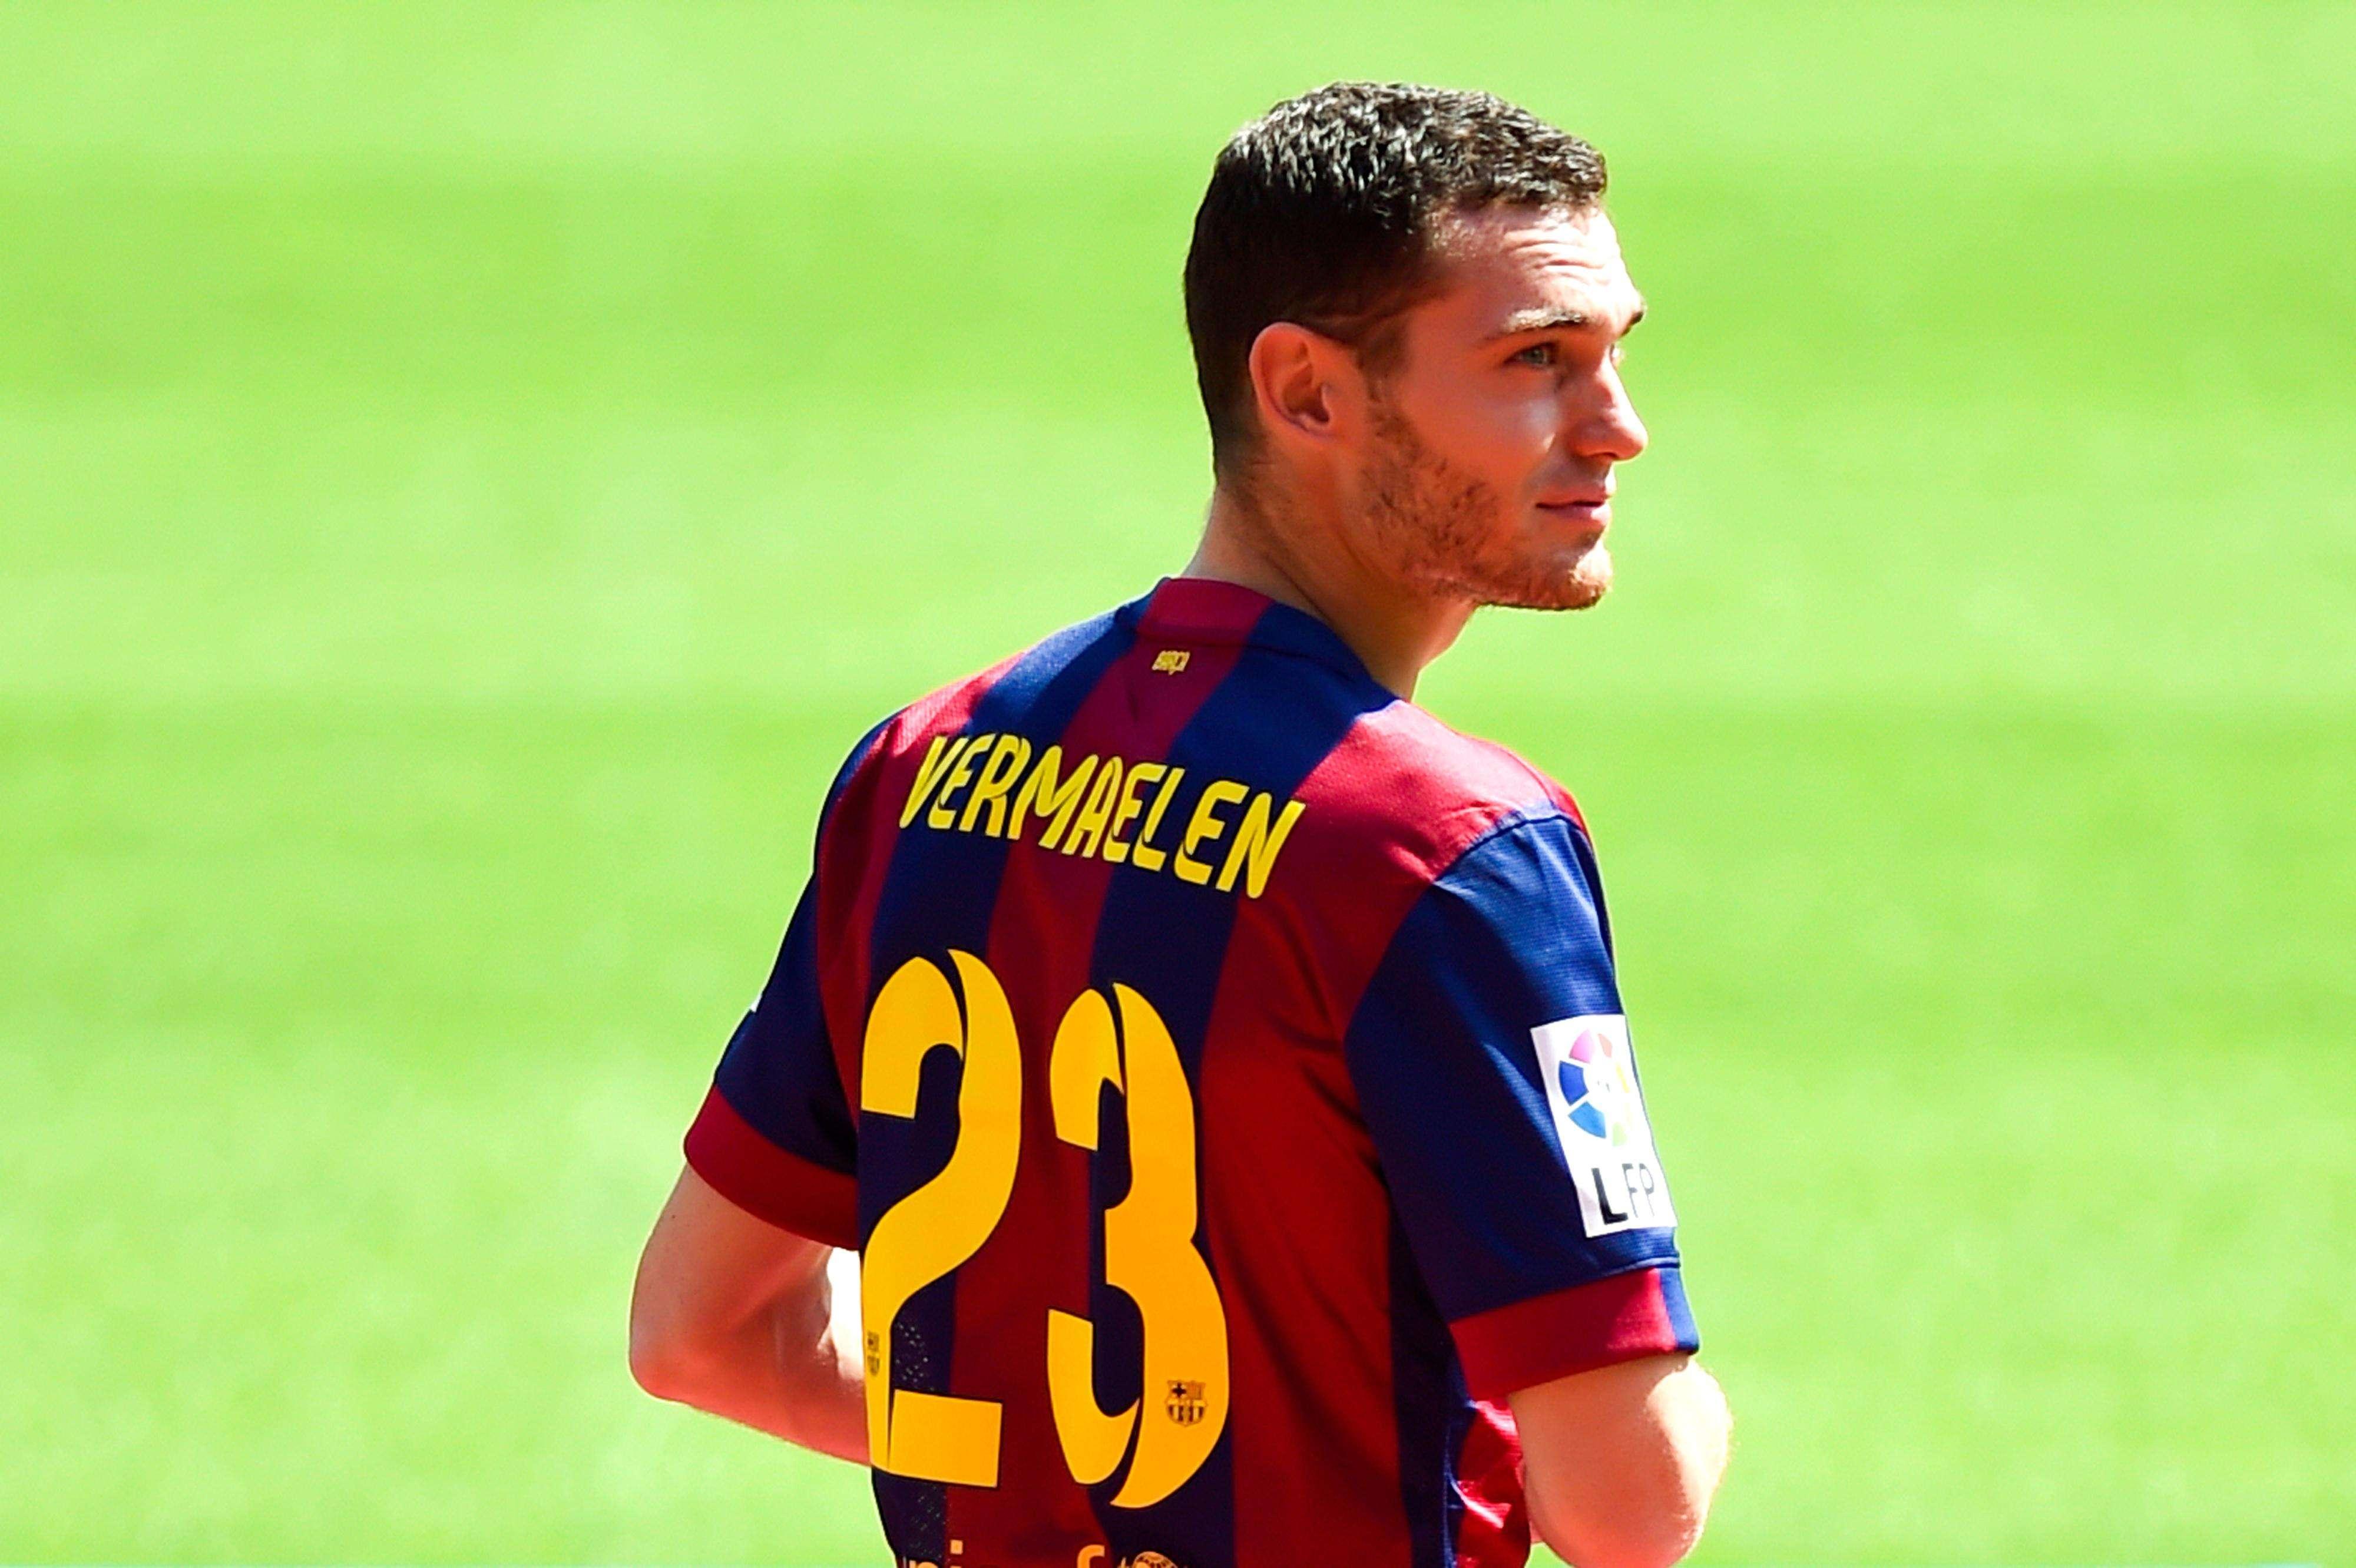 Vermaelen, presentado como nuevo jugador del Barça